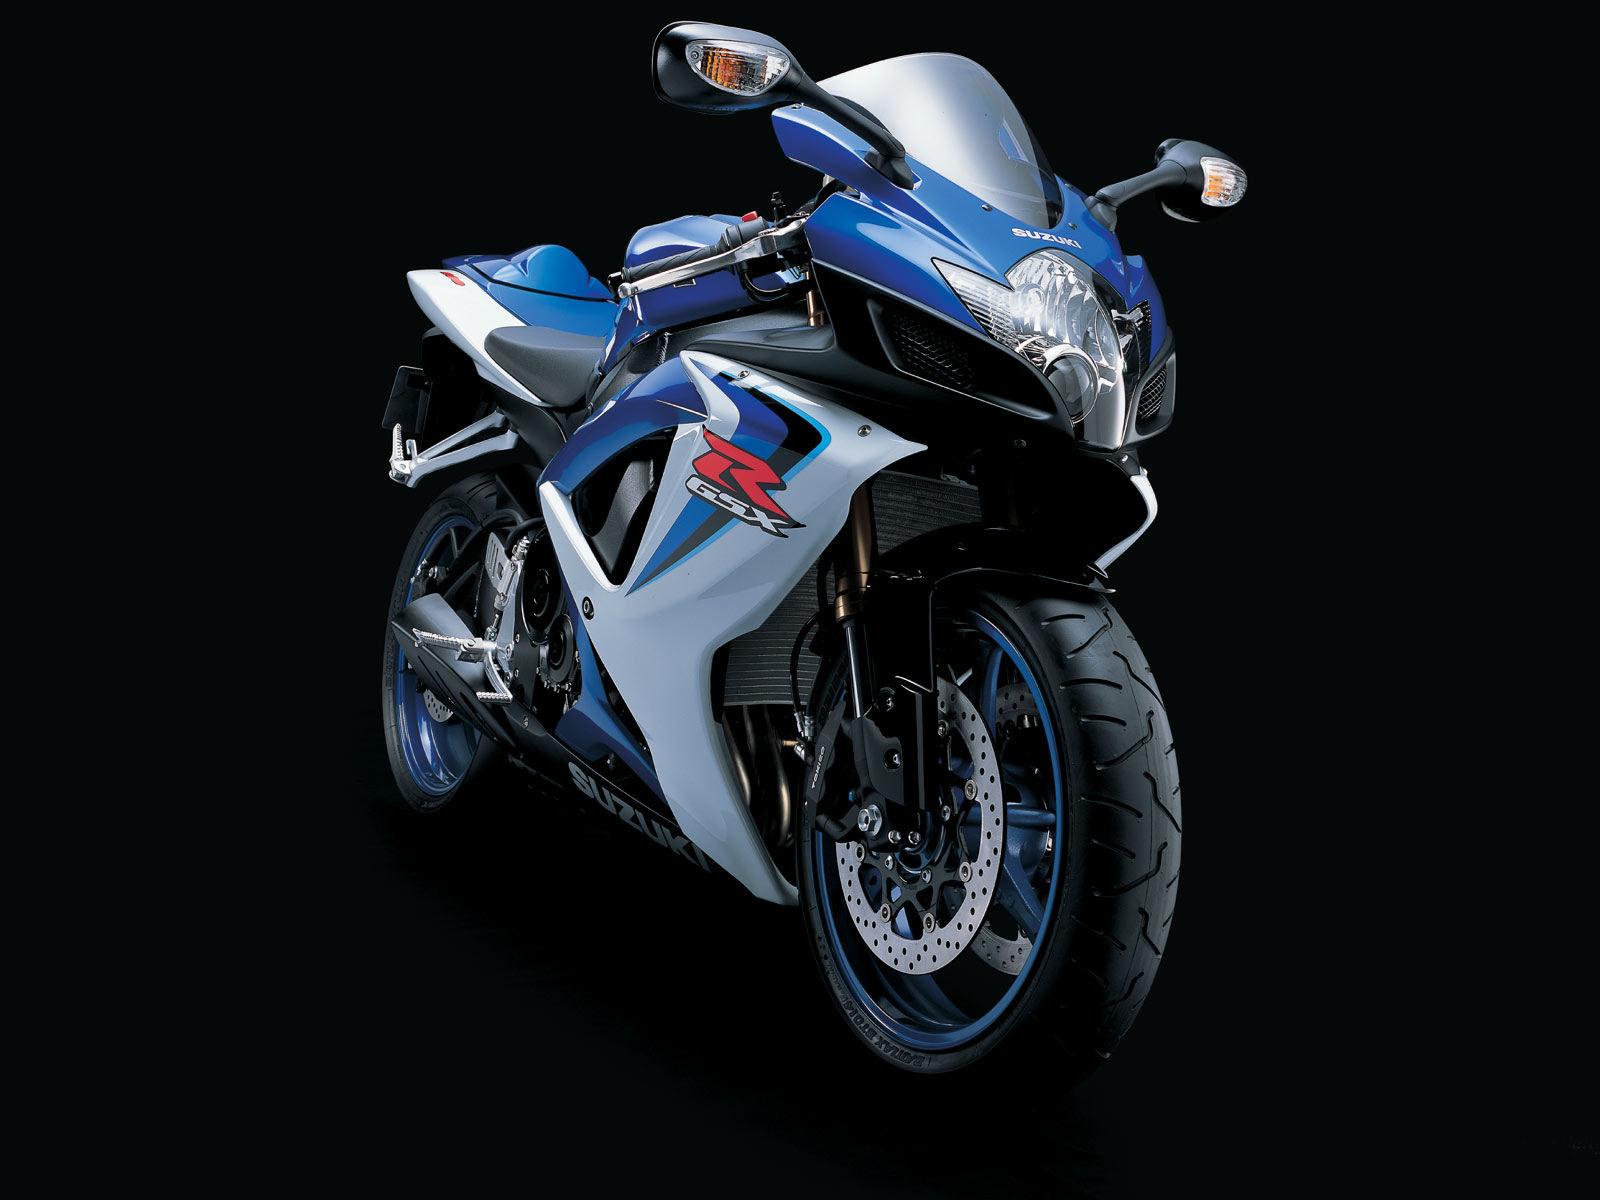 духлесс 2 фото мотоцикл #11